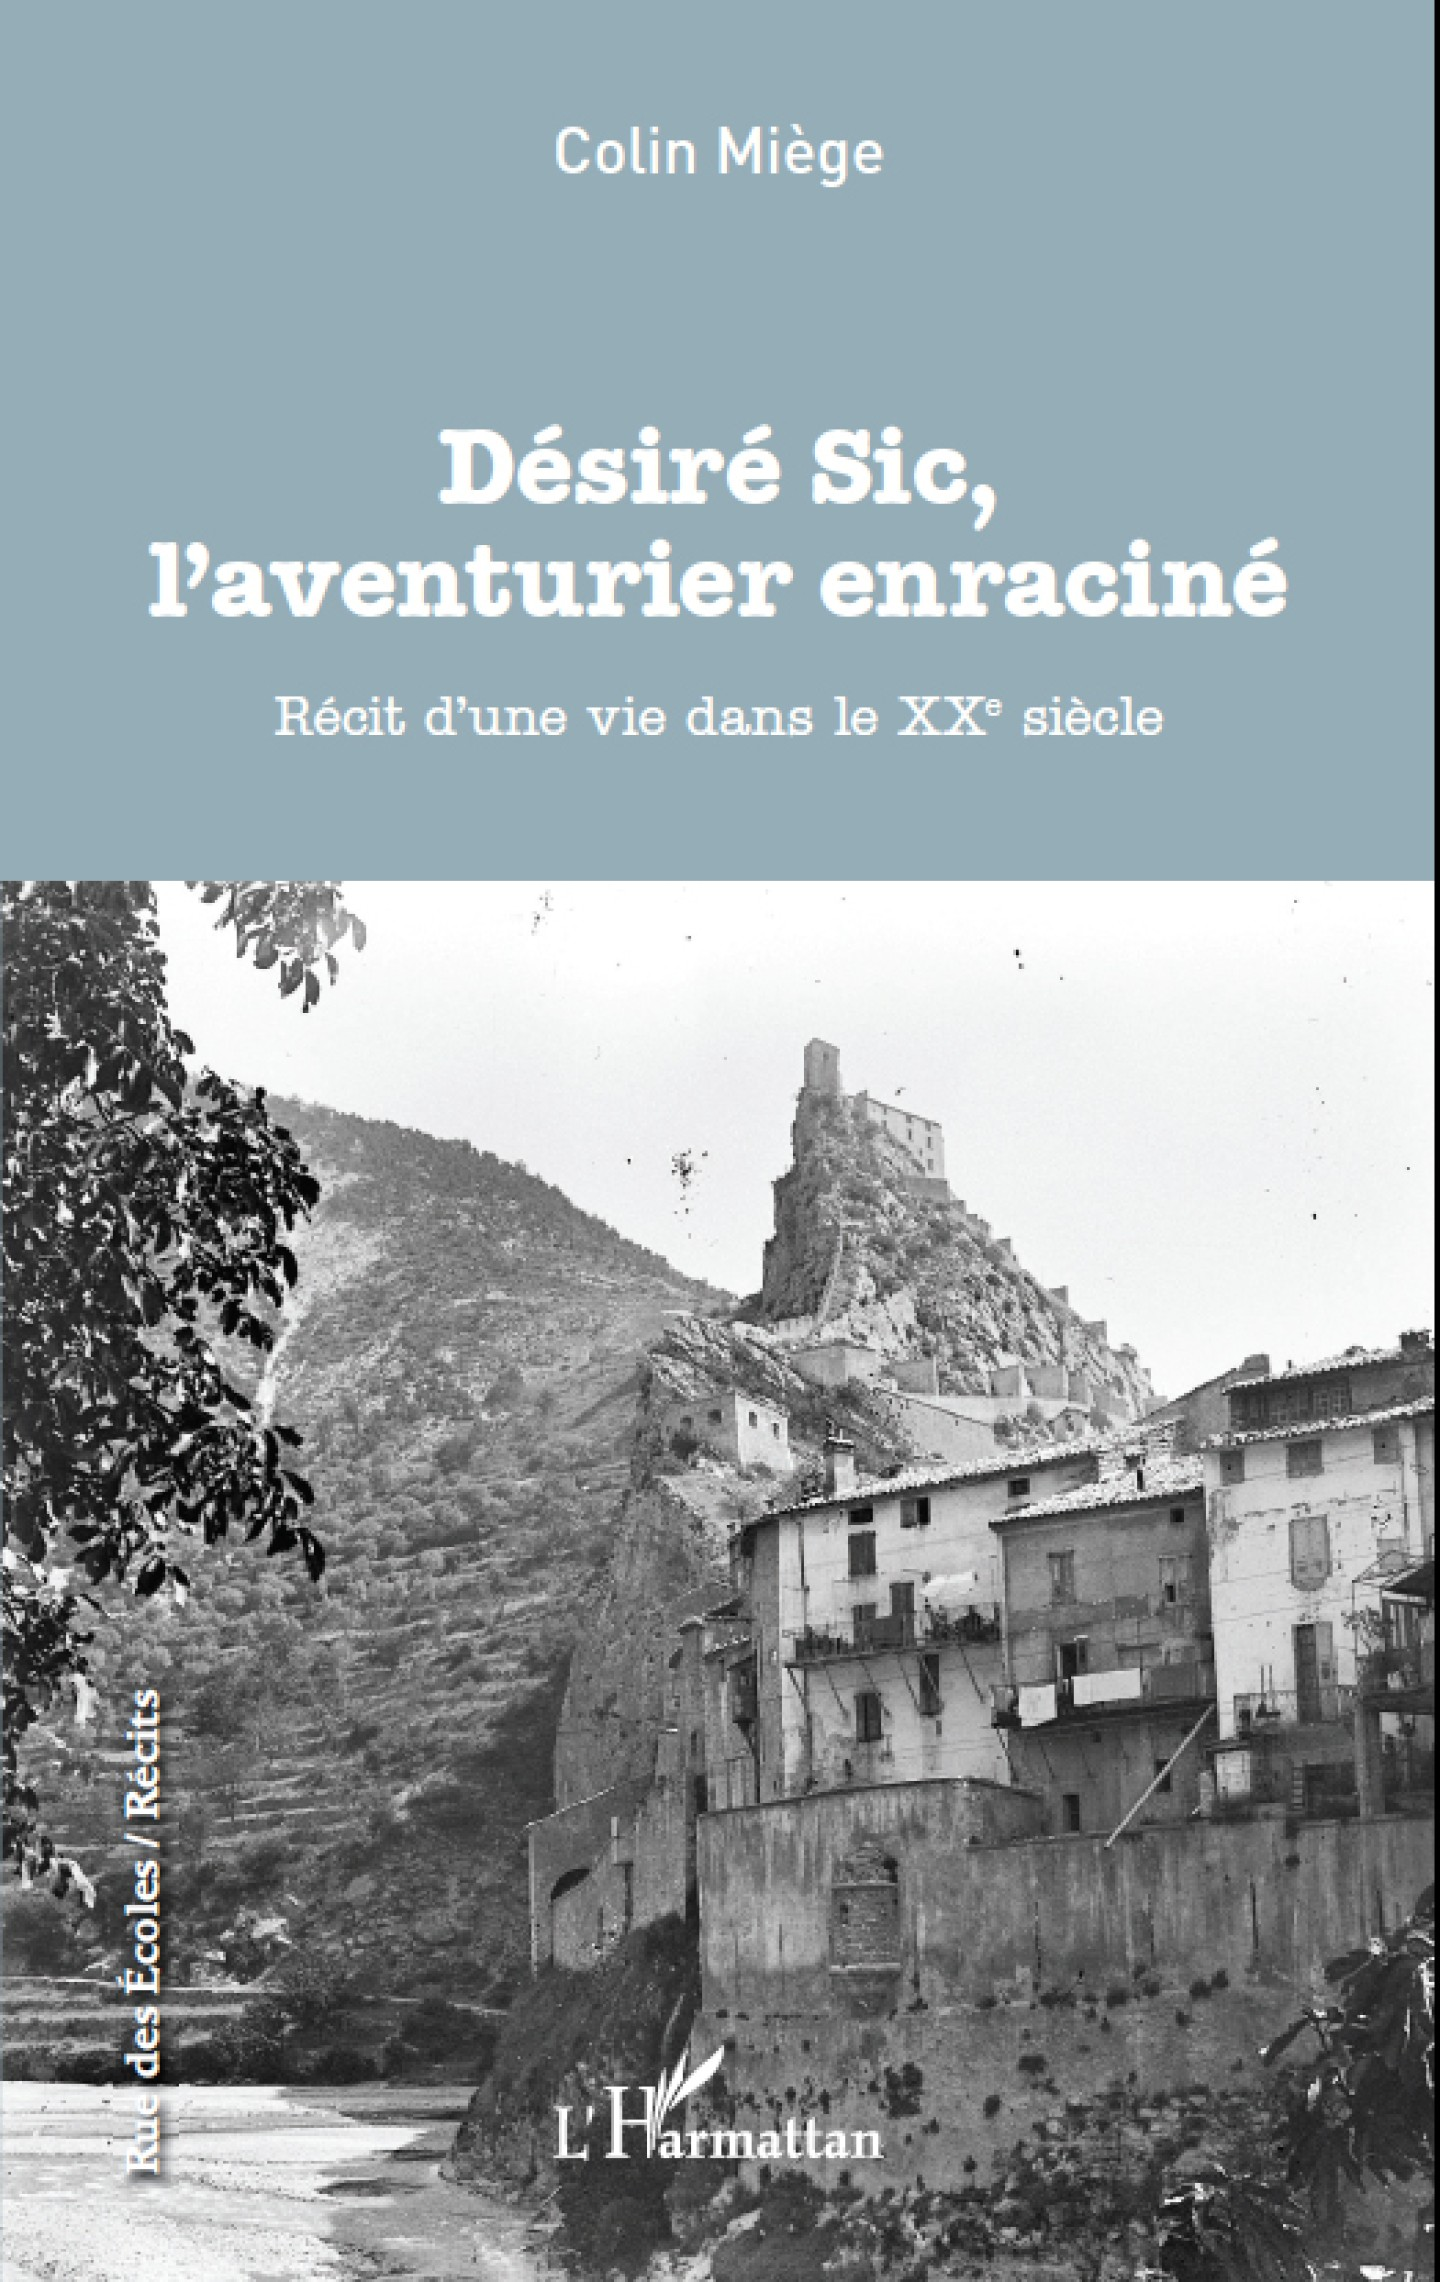 Désiré Sic, l'aventurier enraciné de Colin Miège